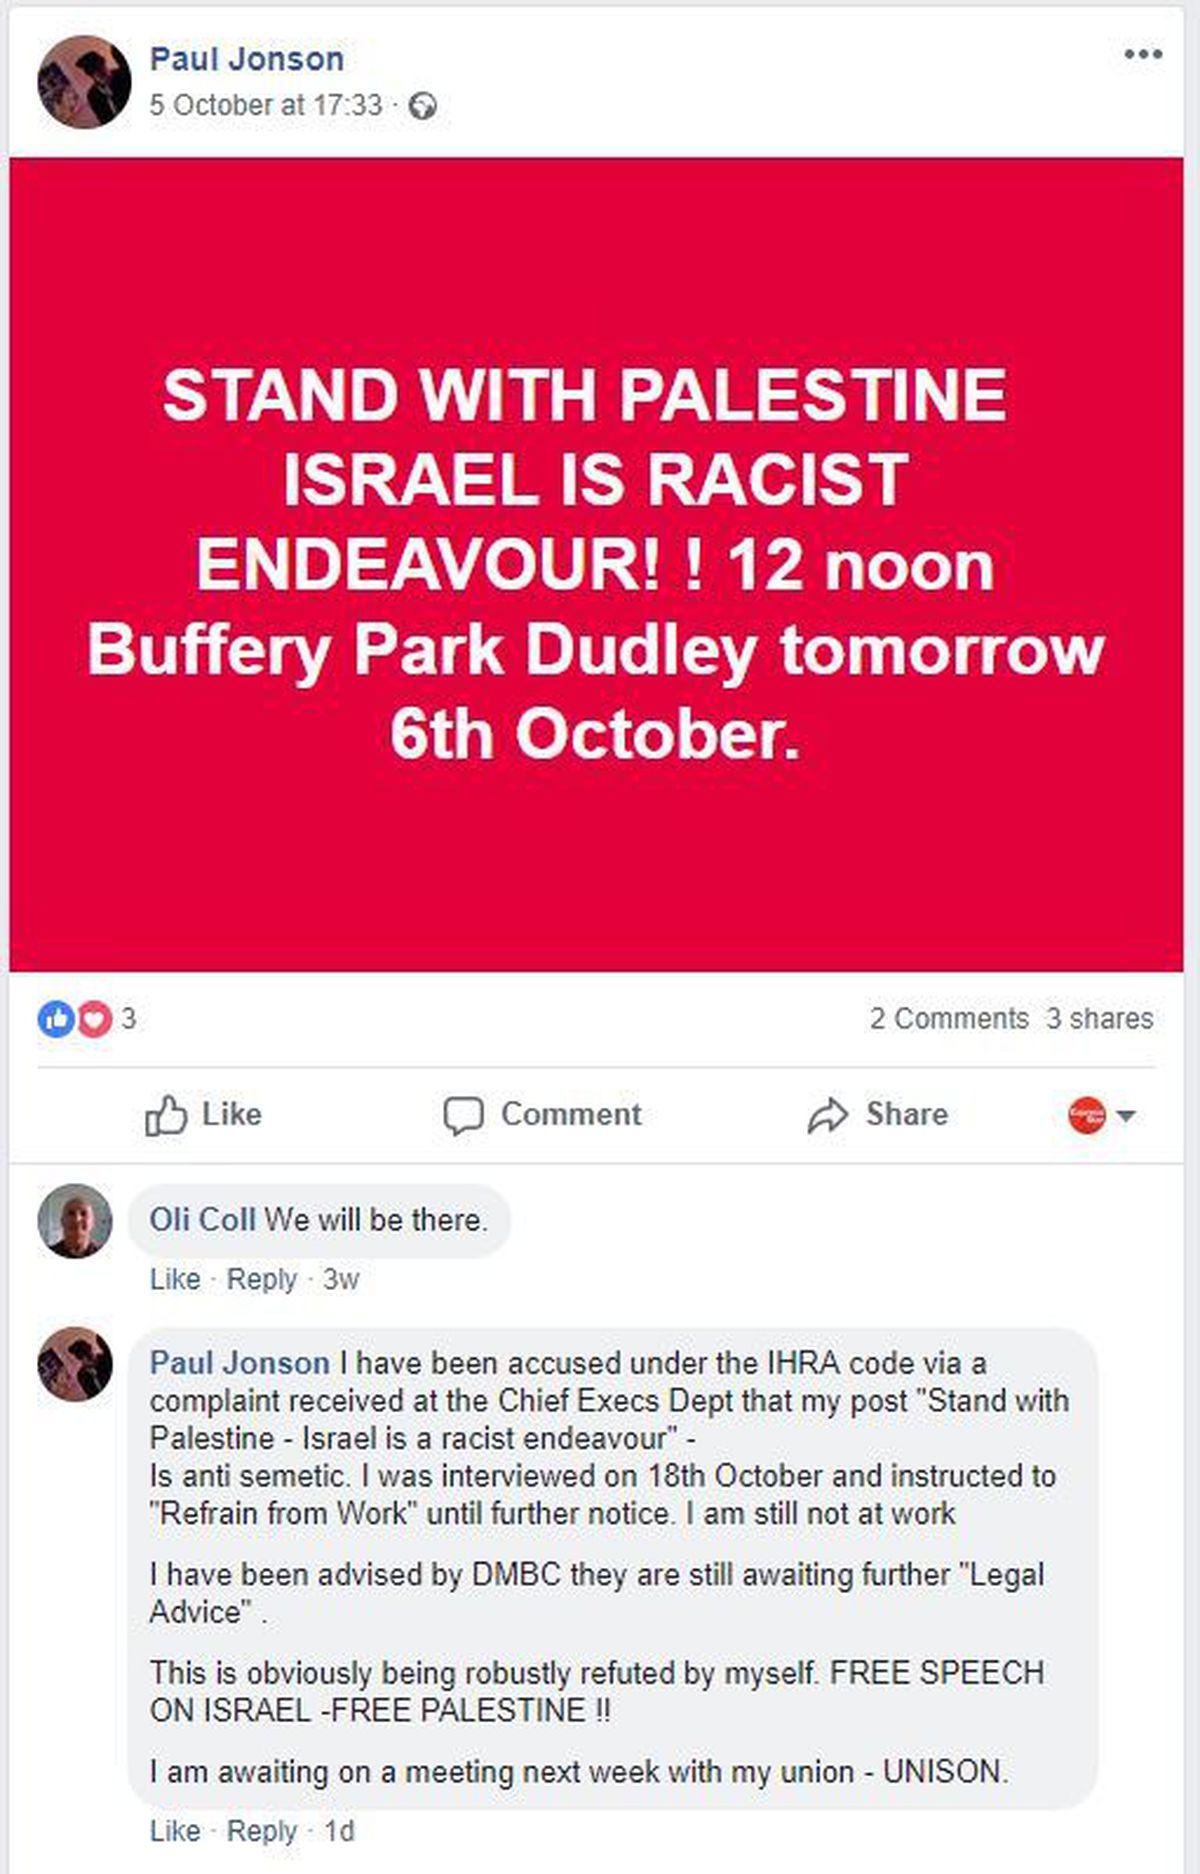 Paul Jonson's post on Facebook